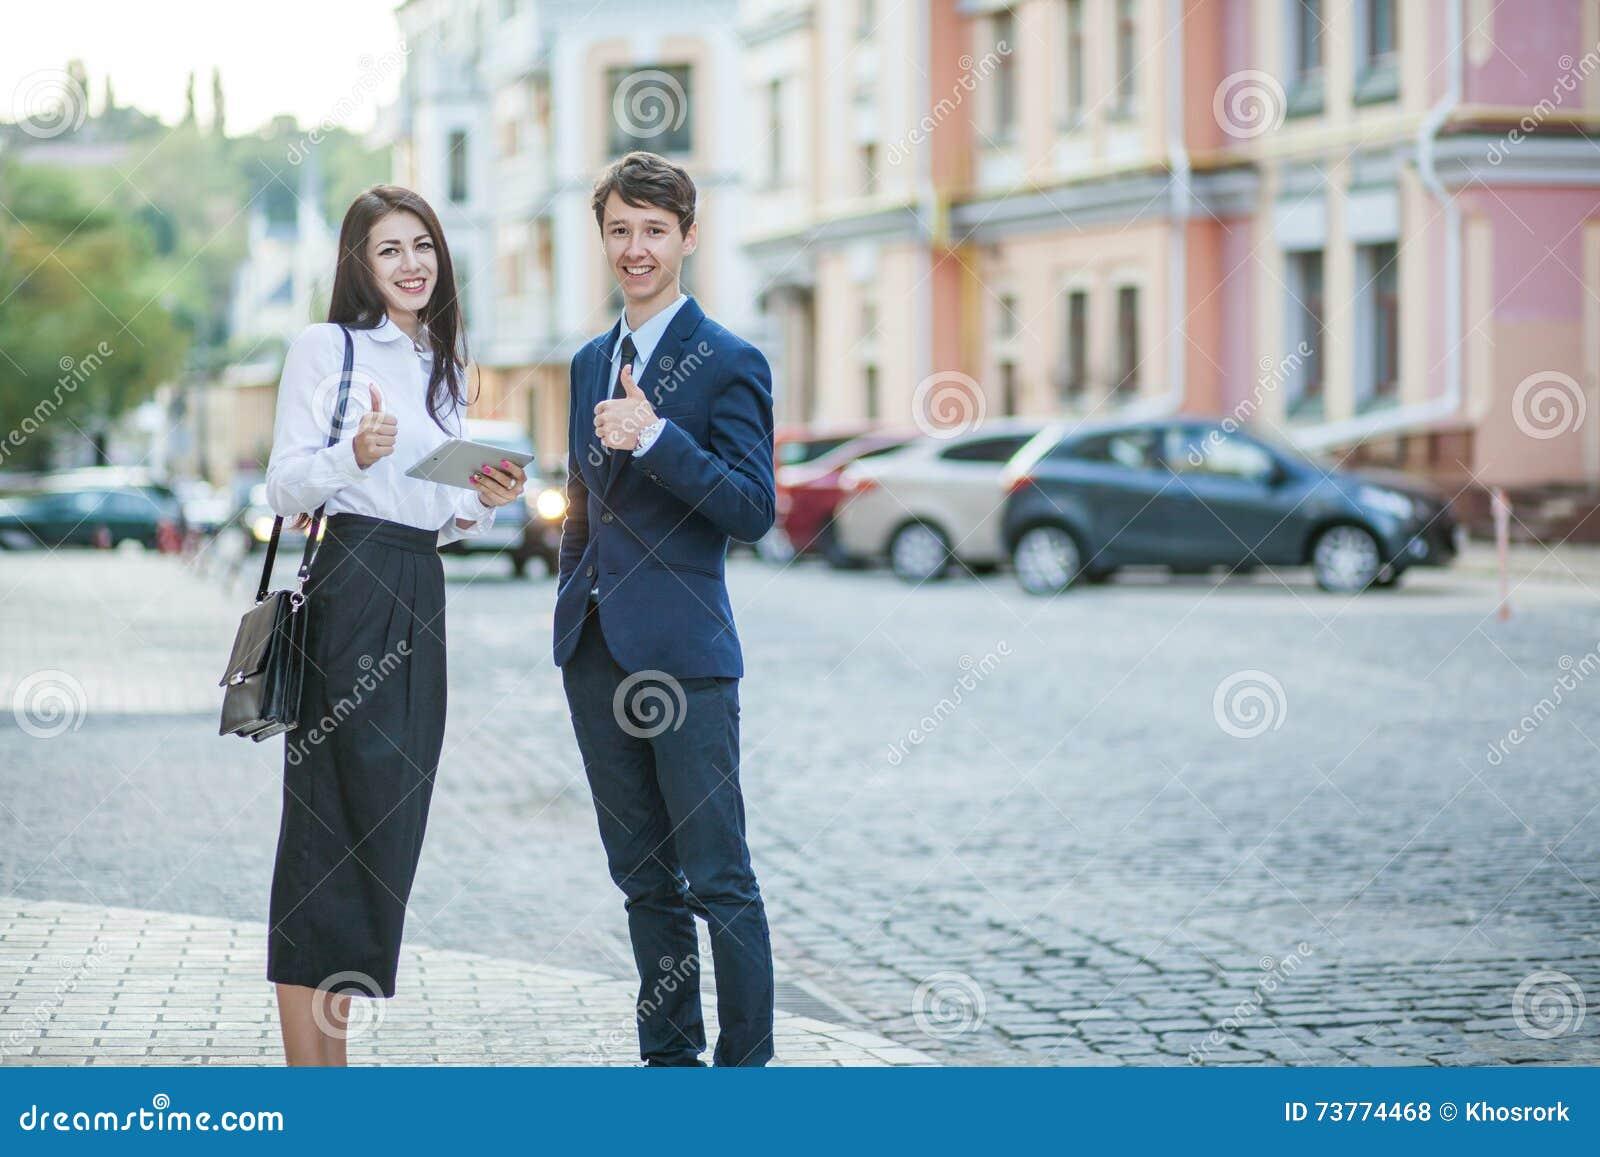 Site rencontre homme daffaire - Rencontre homme femme d